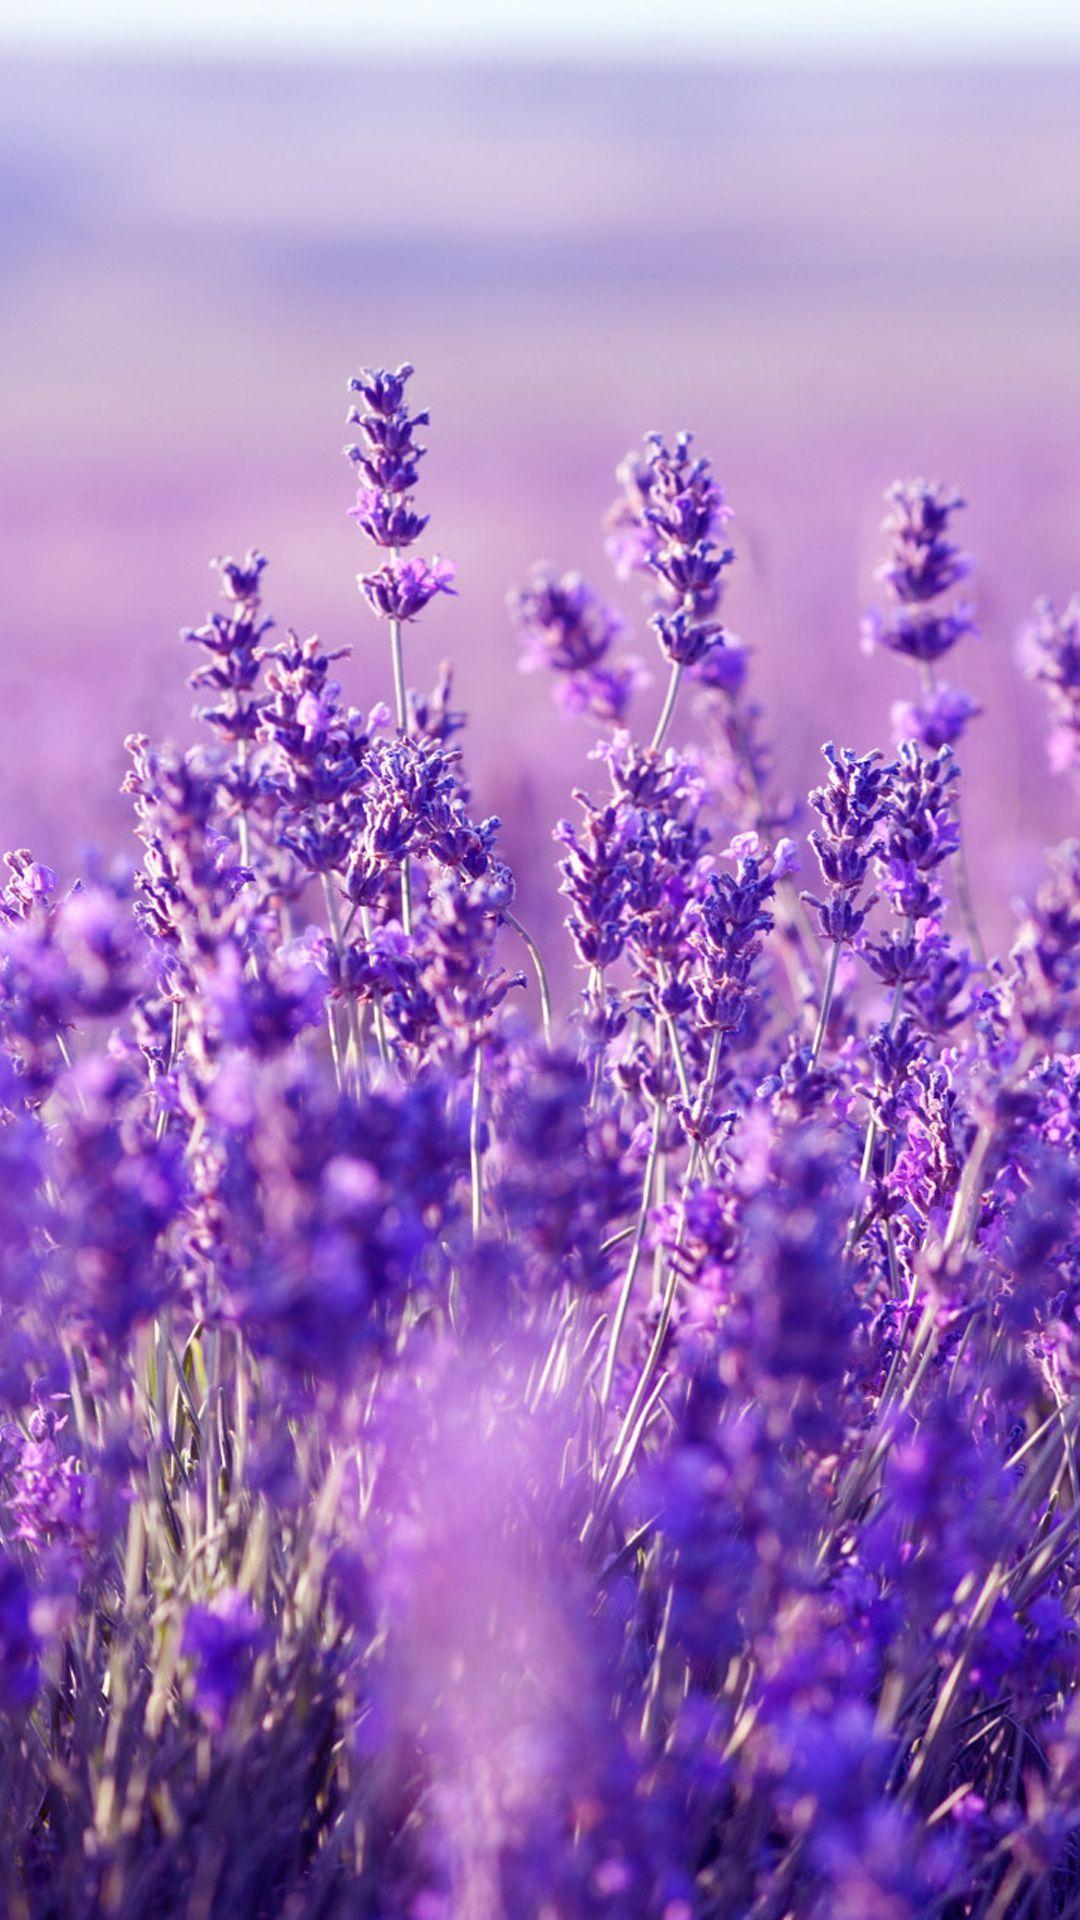 Beautiful Lavender Flowers Aesthetic Lavendergardening Lavenderaesthetic Lavenderwallpaper Lavende Purple Flowers Wallpaper Flower Aesthetic Purple Flowers